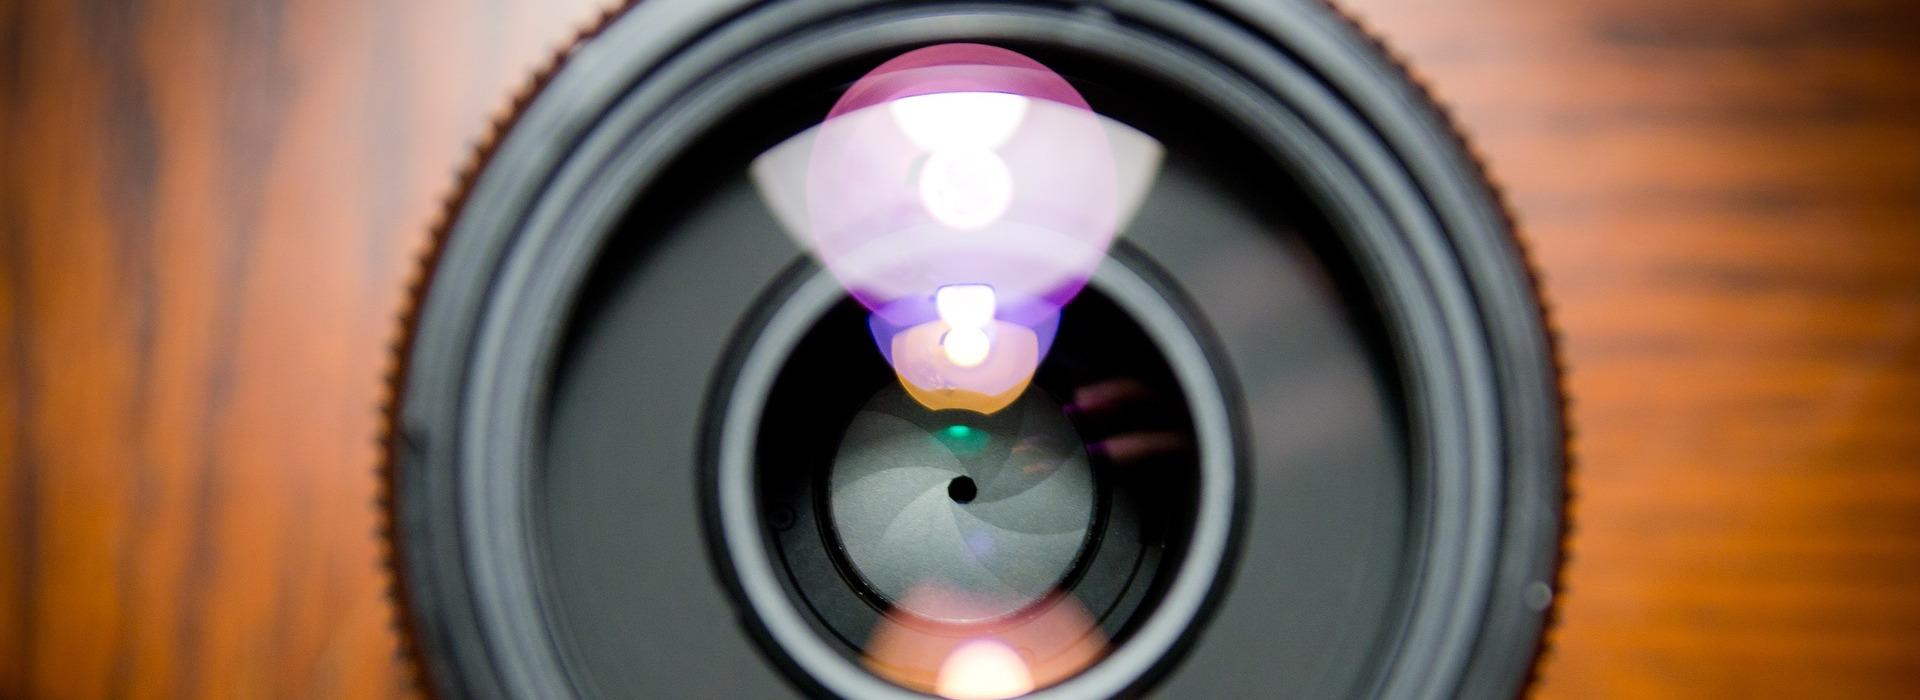 Camera lens 458045 1920